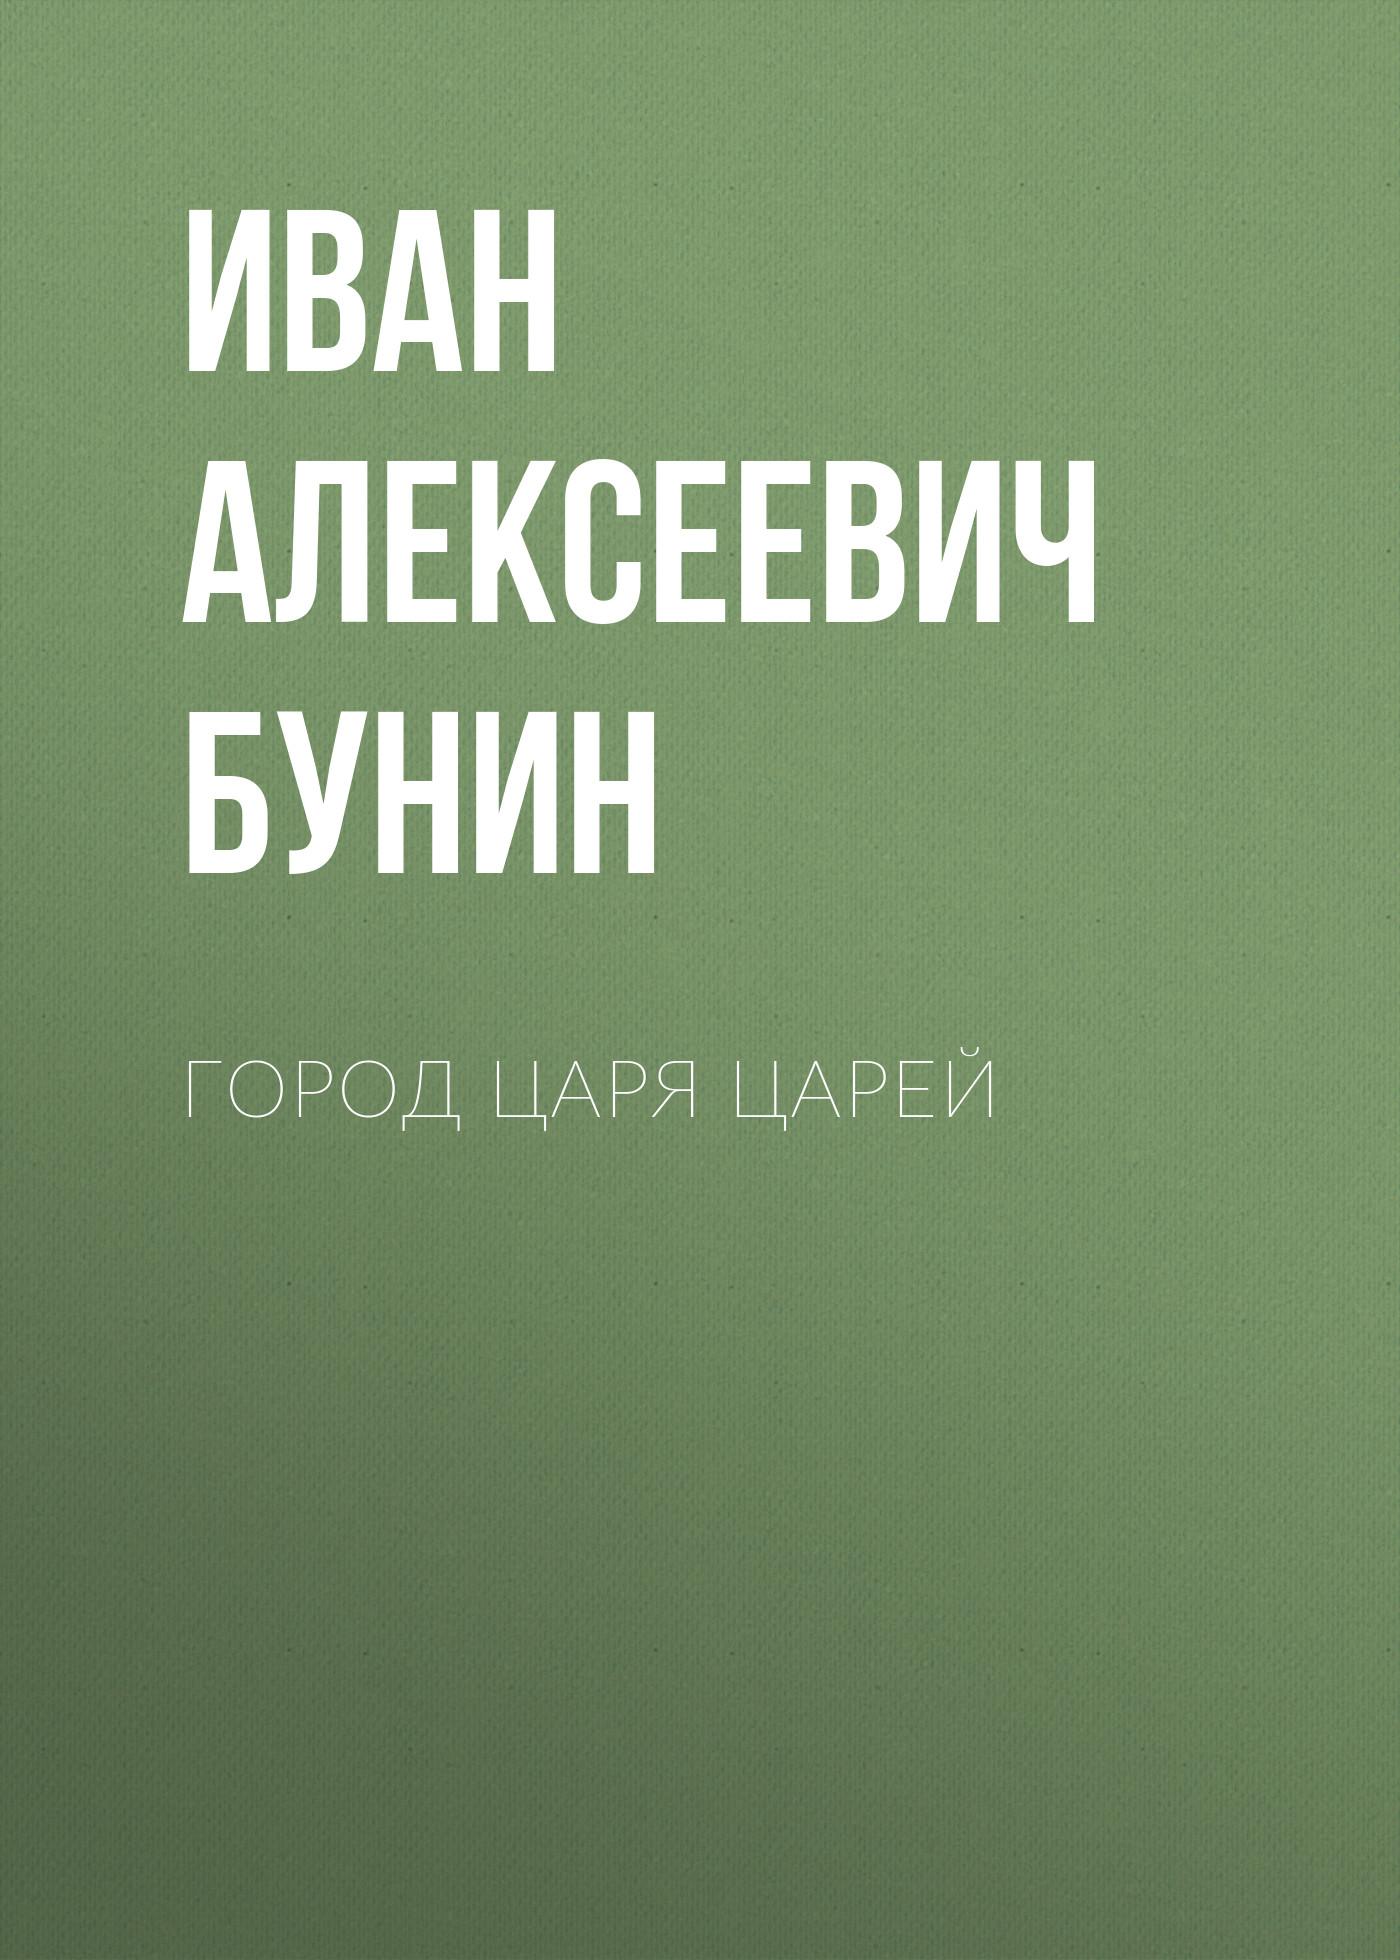 gorod tsarya tsarey